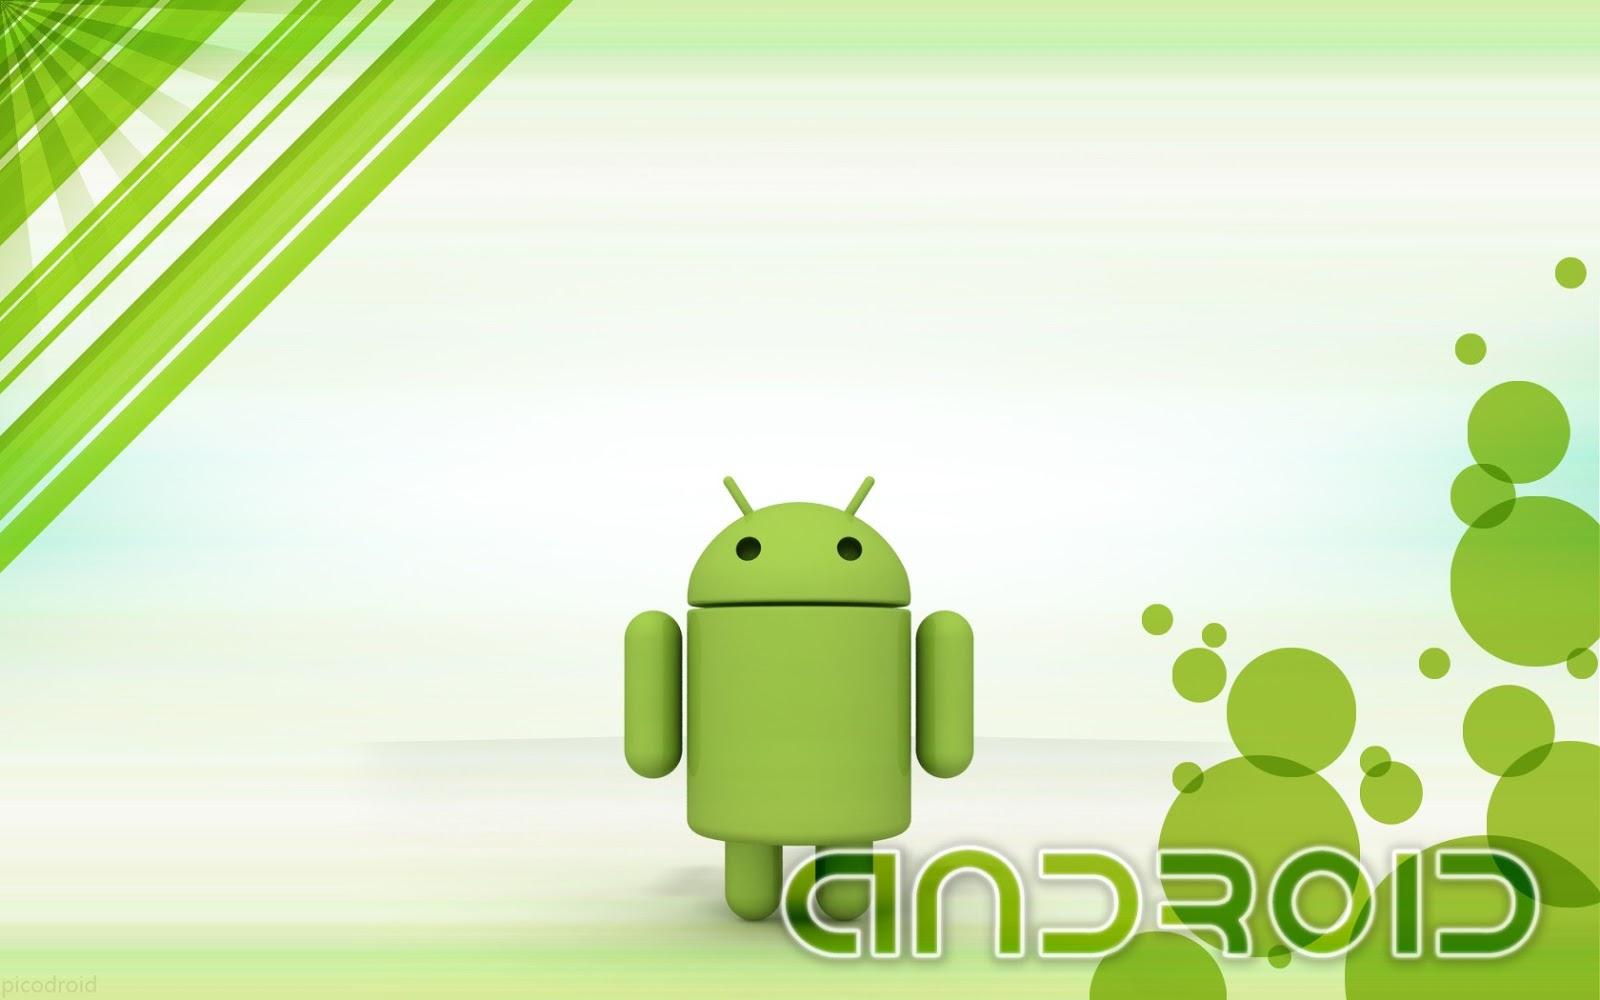 http://3.bp.blogspot.com/-tTWw79Fw9h0/UJvL2cgtczI/AAAAAAAACA8/fFz8fG-cRzk/s1600/Fonds-decran-Android-wallpapers.jpg